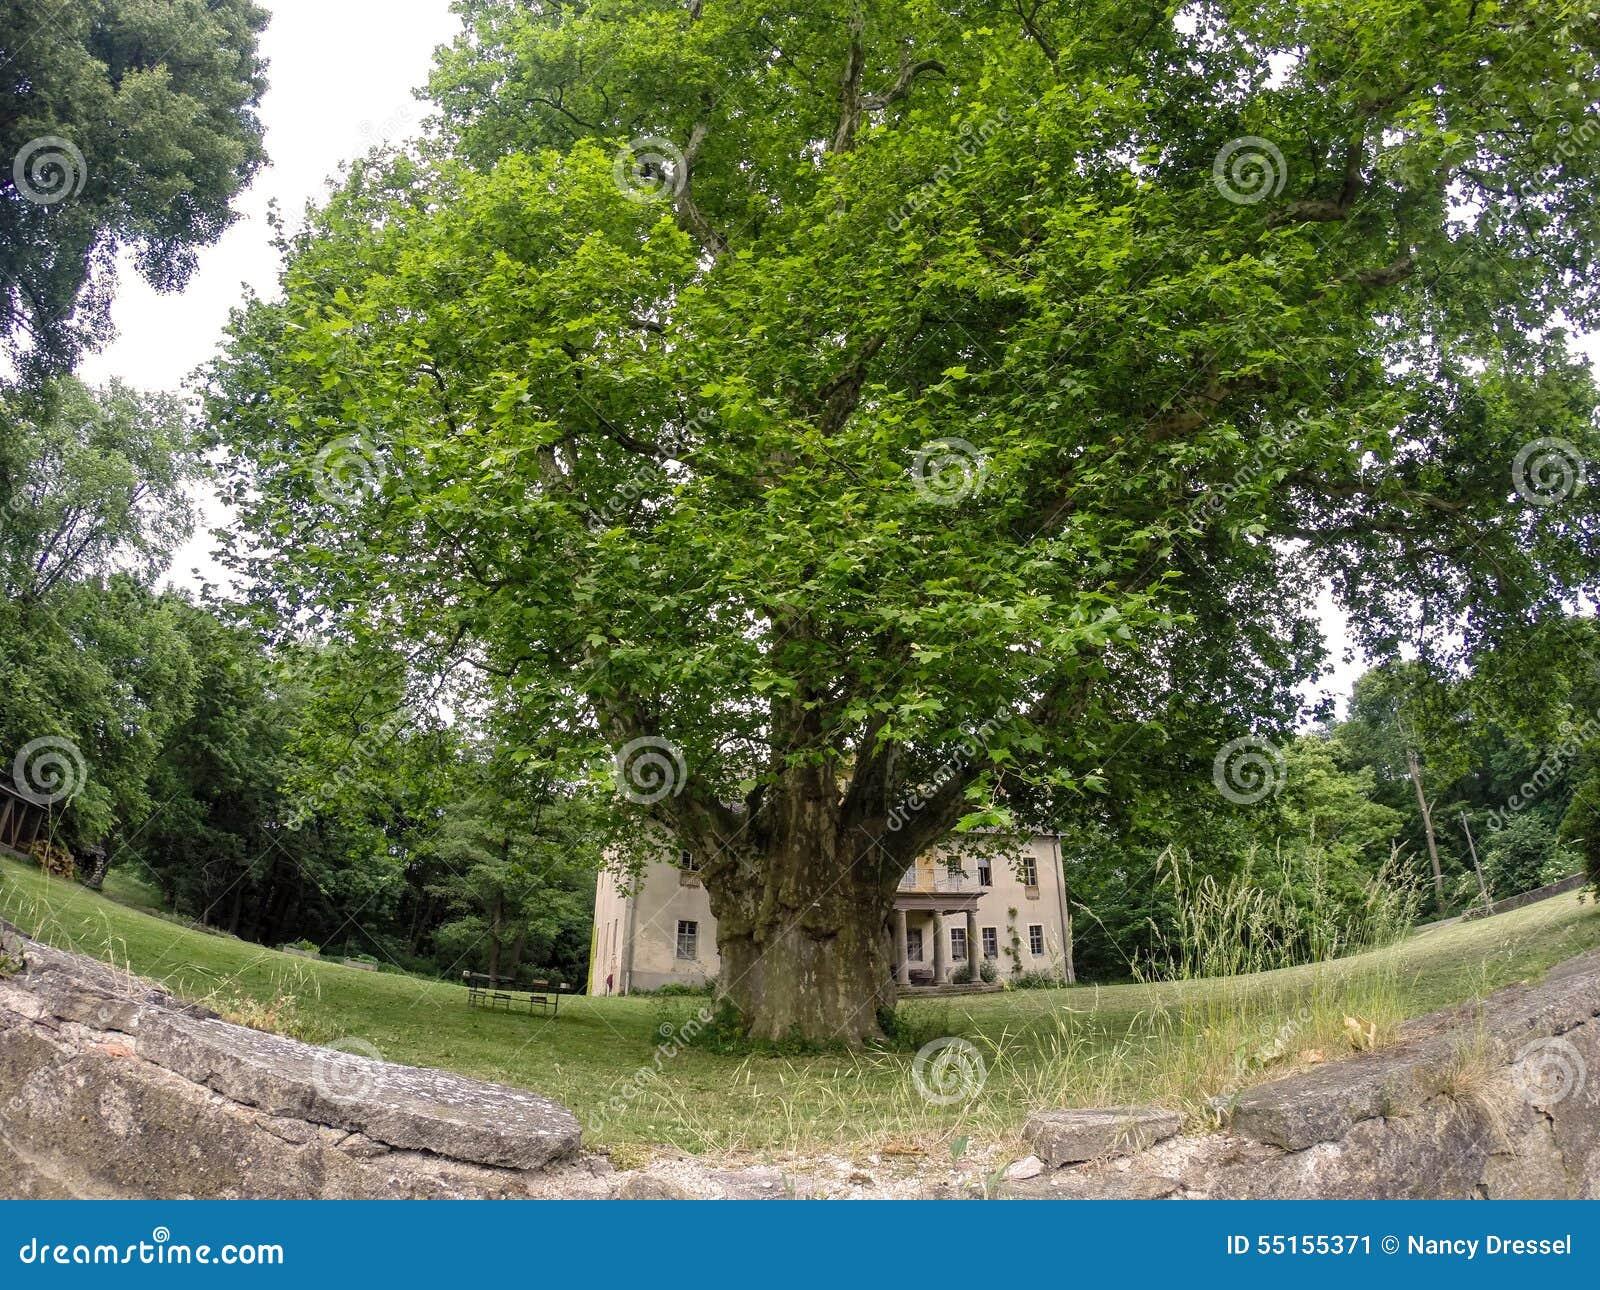 le plus grand arbre de platane de l'europe image stock - image du